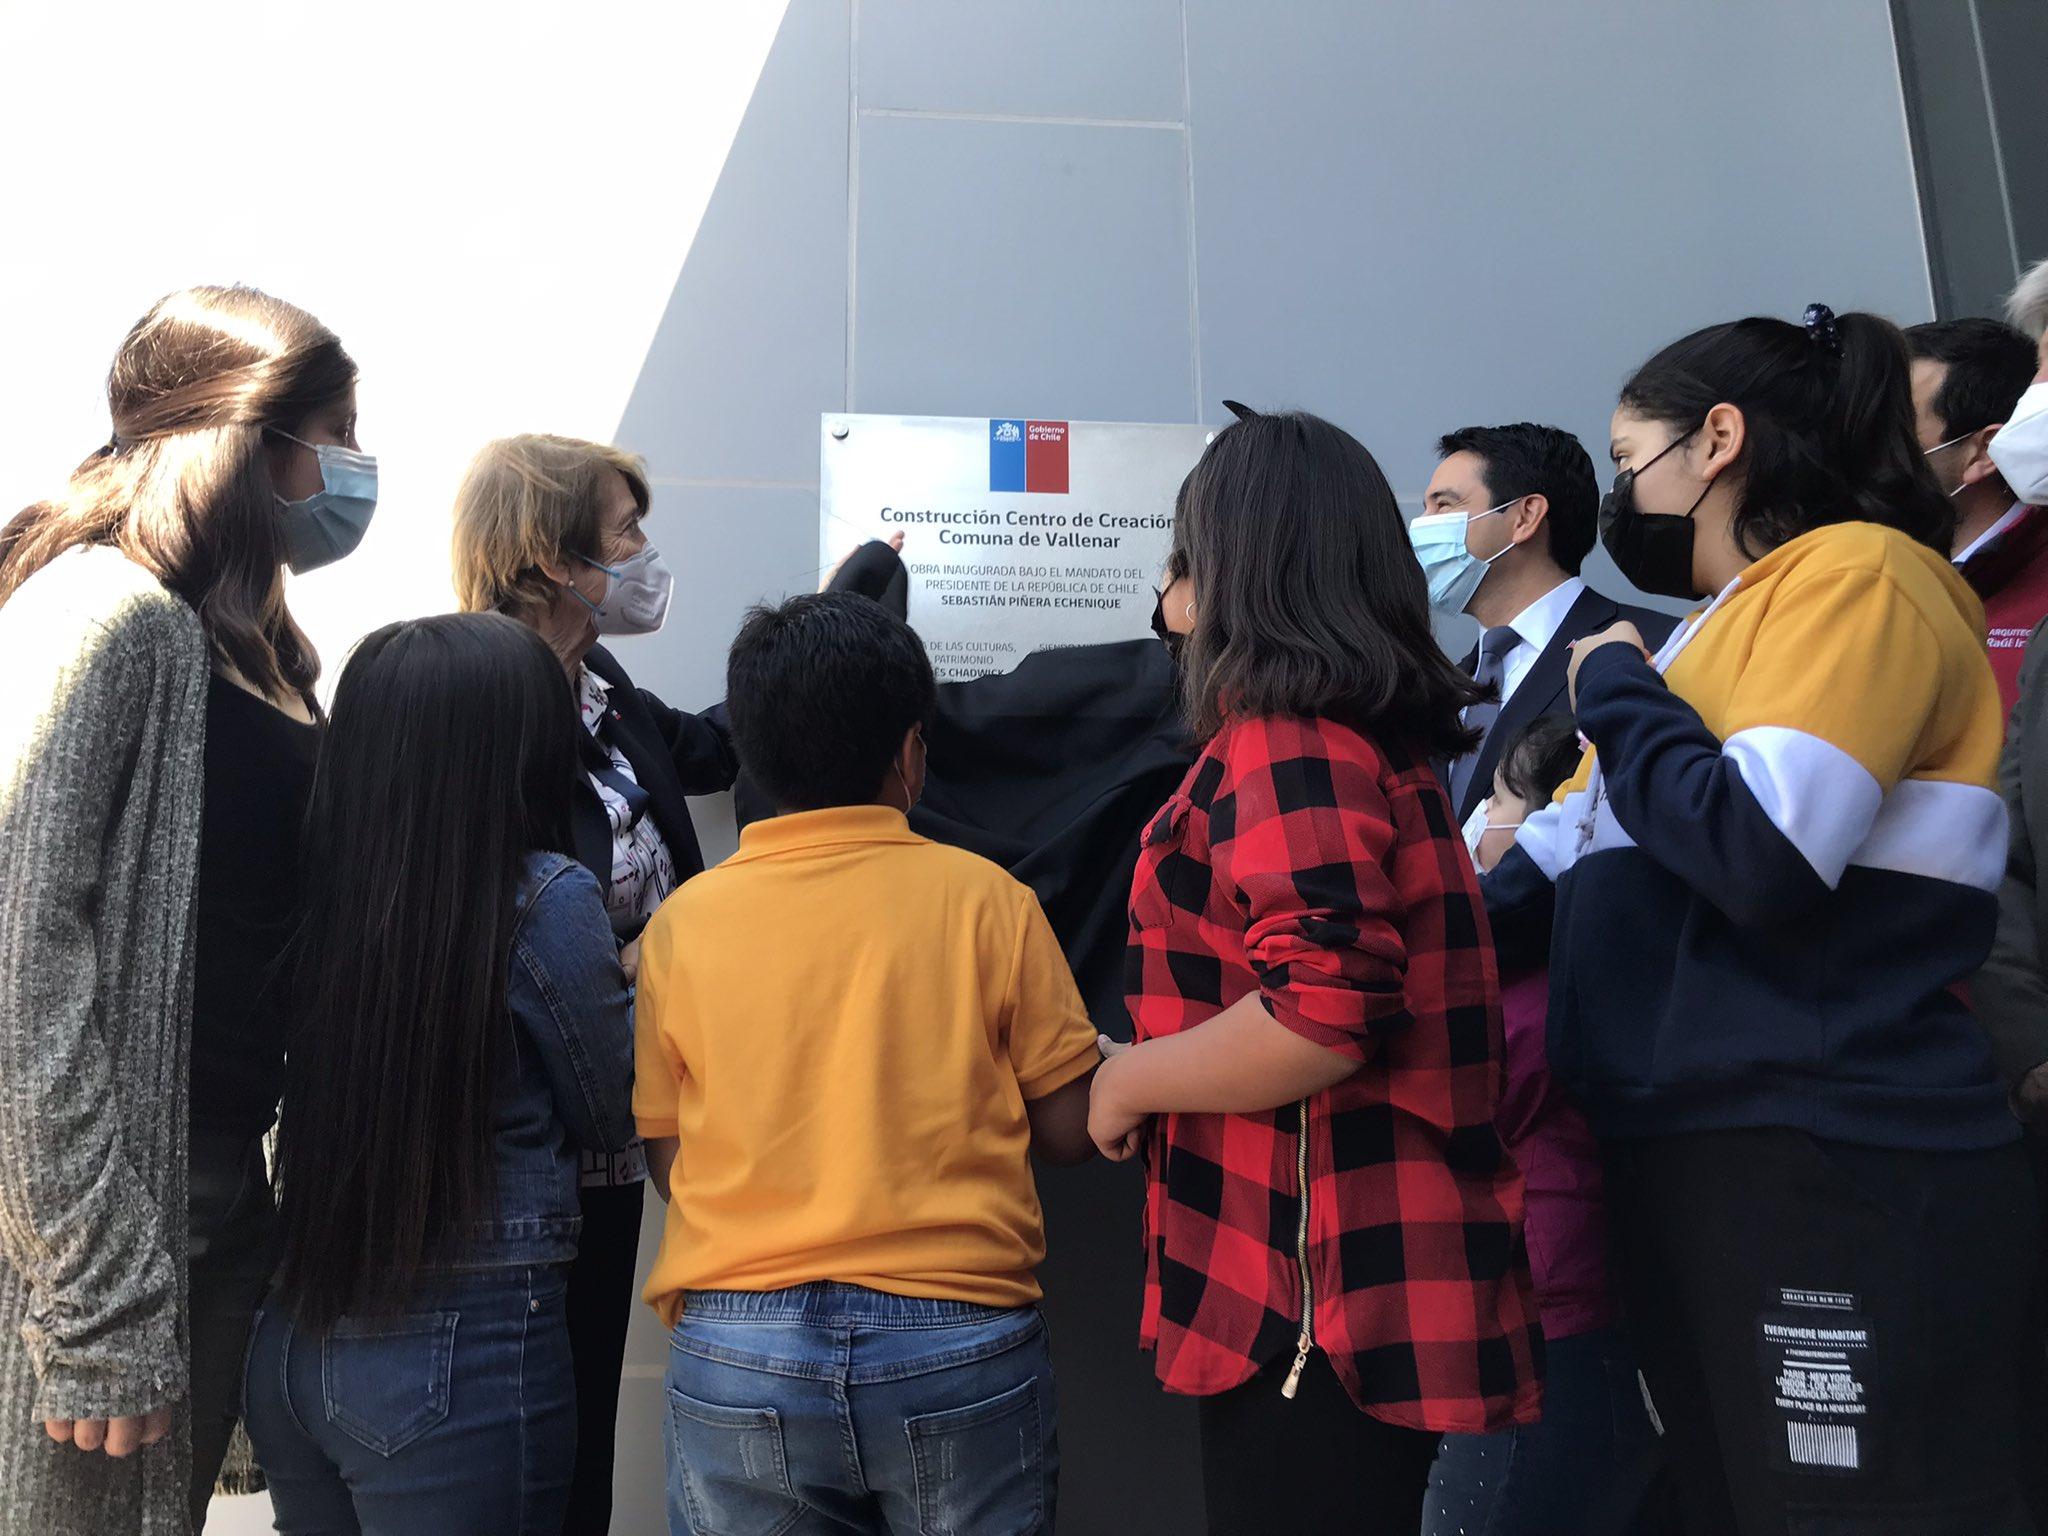 Ministra Valdés inaugura moderno Centro de Creación Artística para niños, niñas y jóvenes en Vallenar